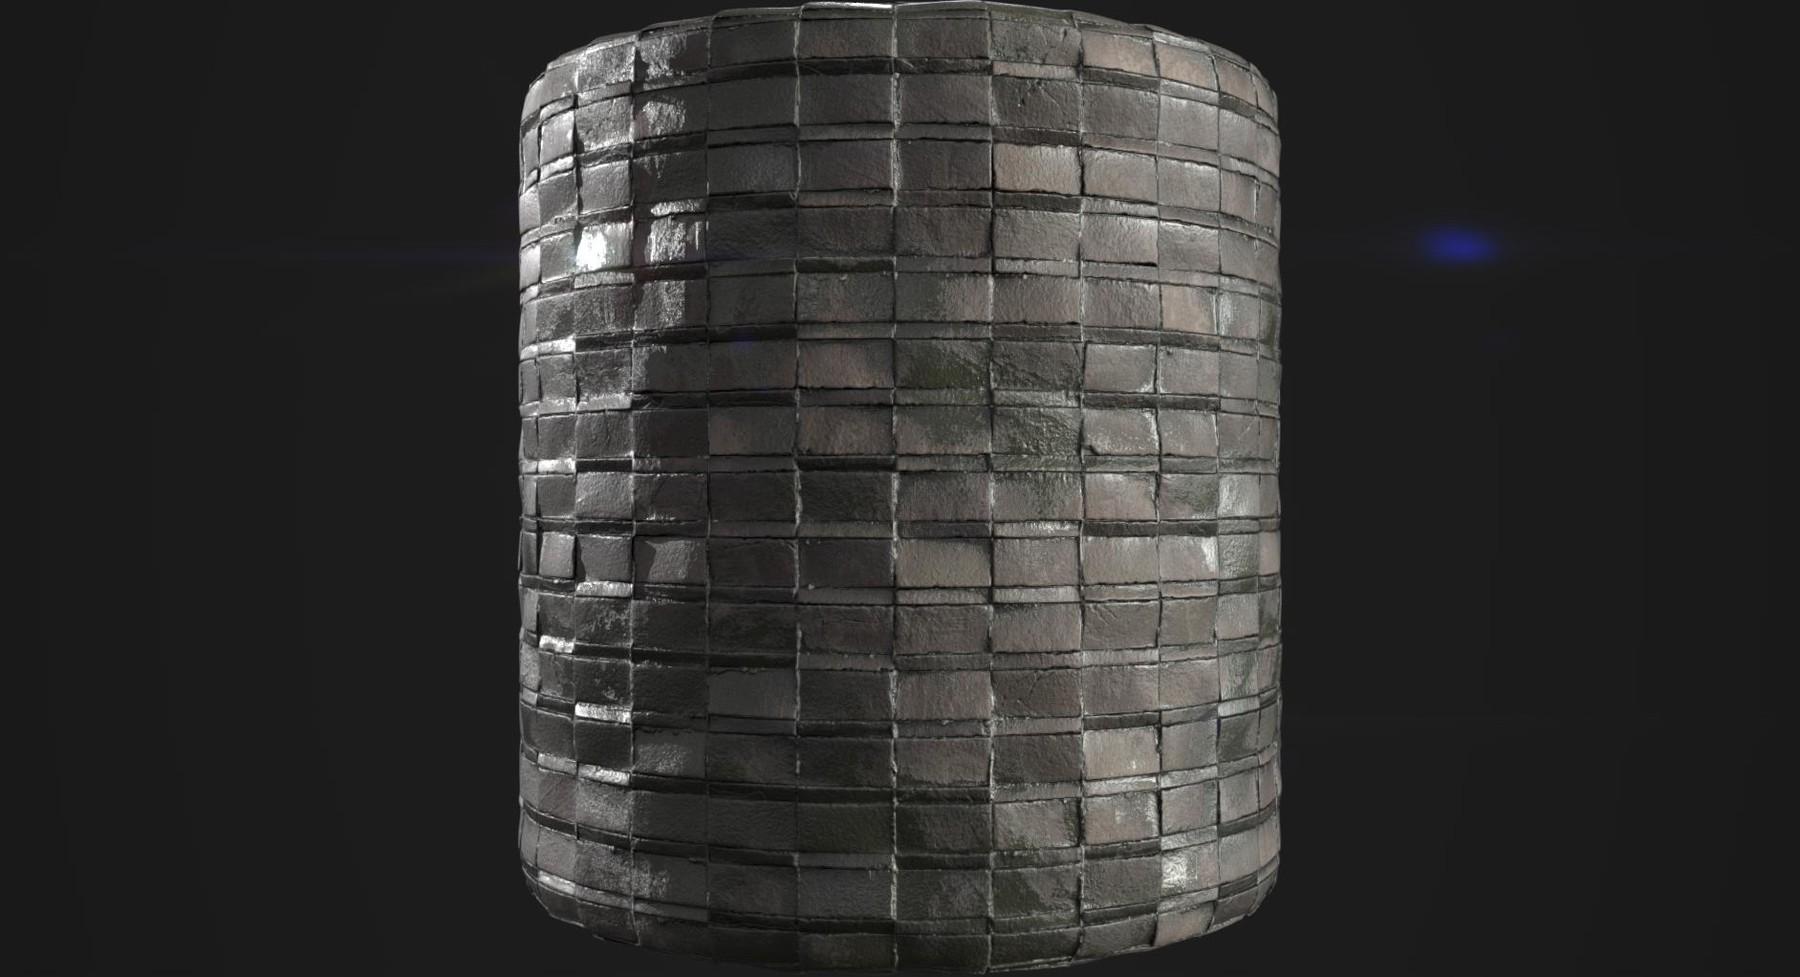 Building bricks 01 var2